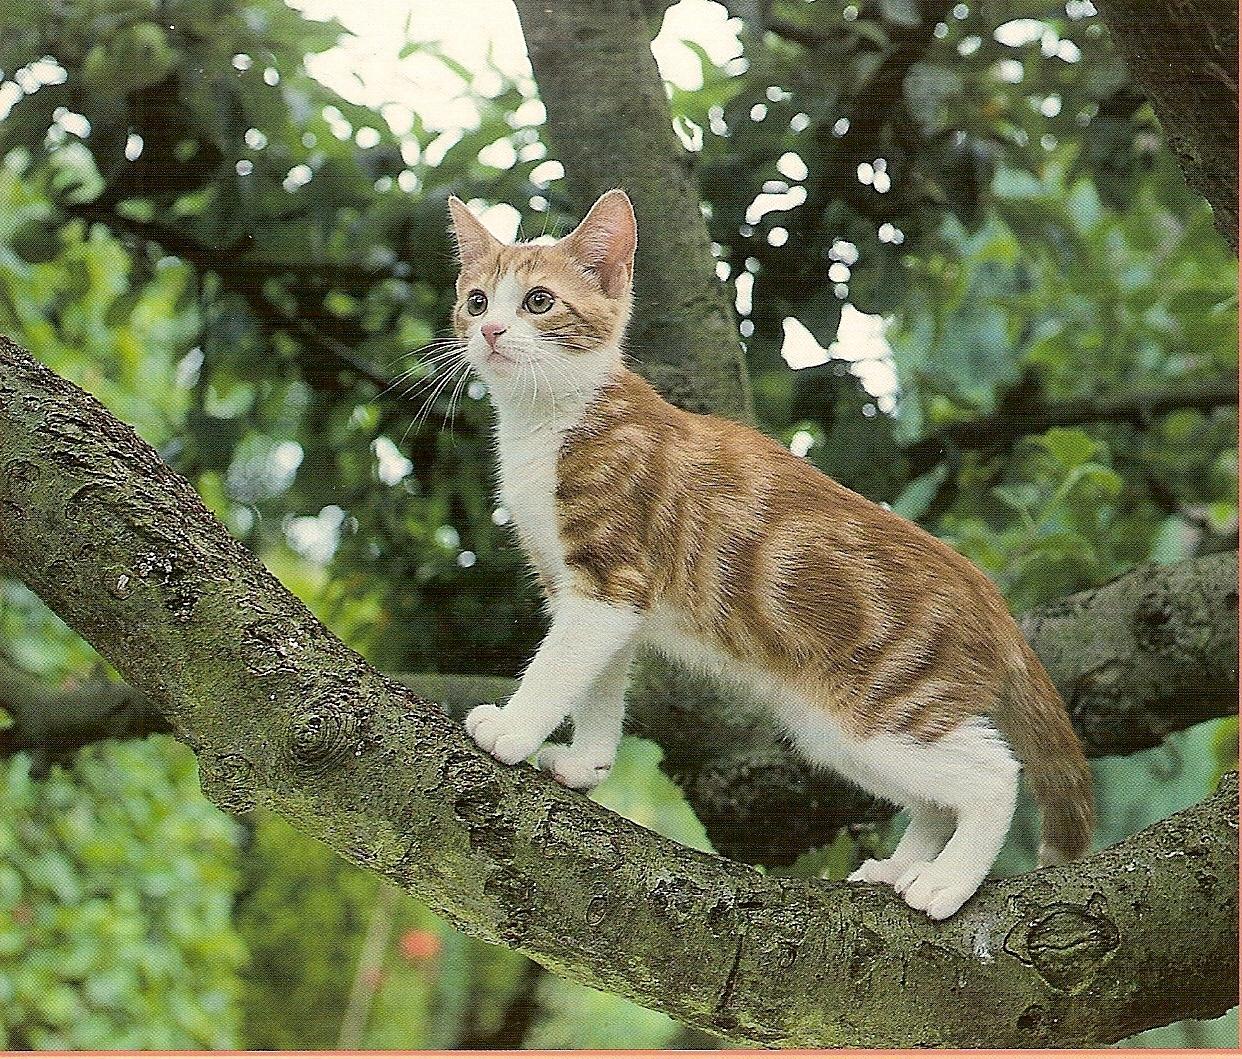 grimper aux arbres bienvenue dans le monde de citycat. Black Bedroom Furniture Sets. Home Design Ideas